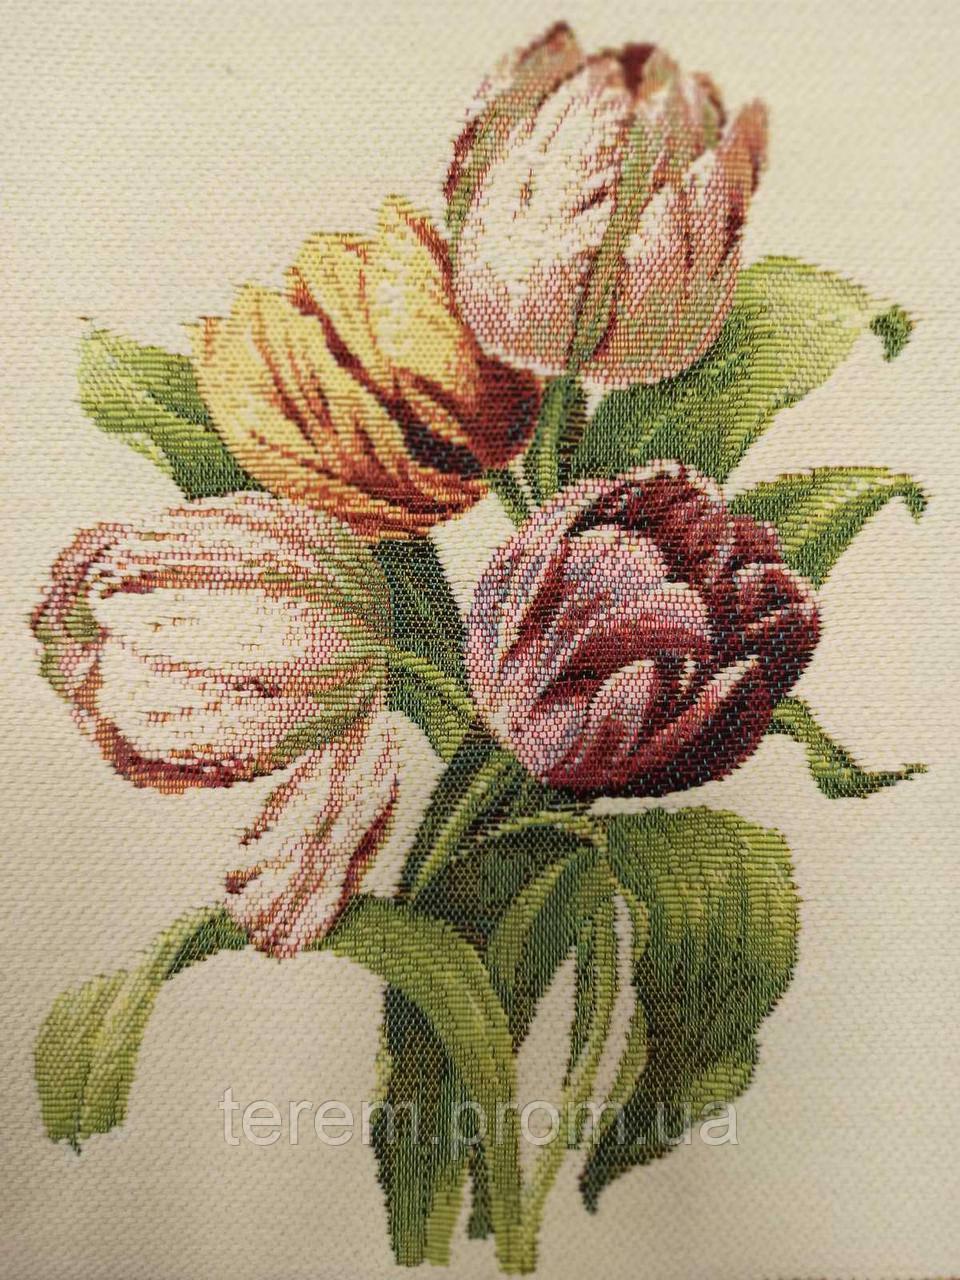 Гобеленовая картина Art de Lys Bouquet de 4 tulipes  25x25  без подкладки